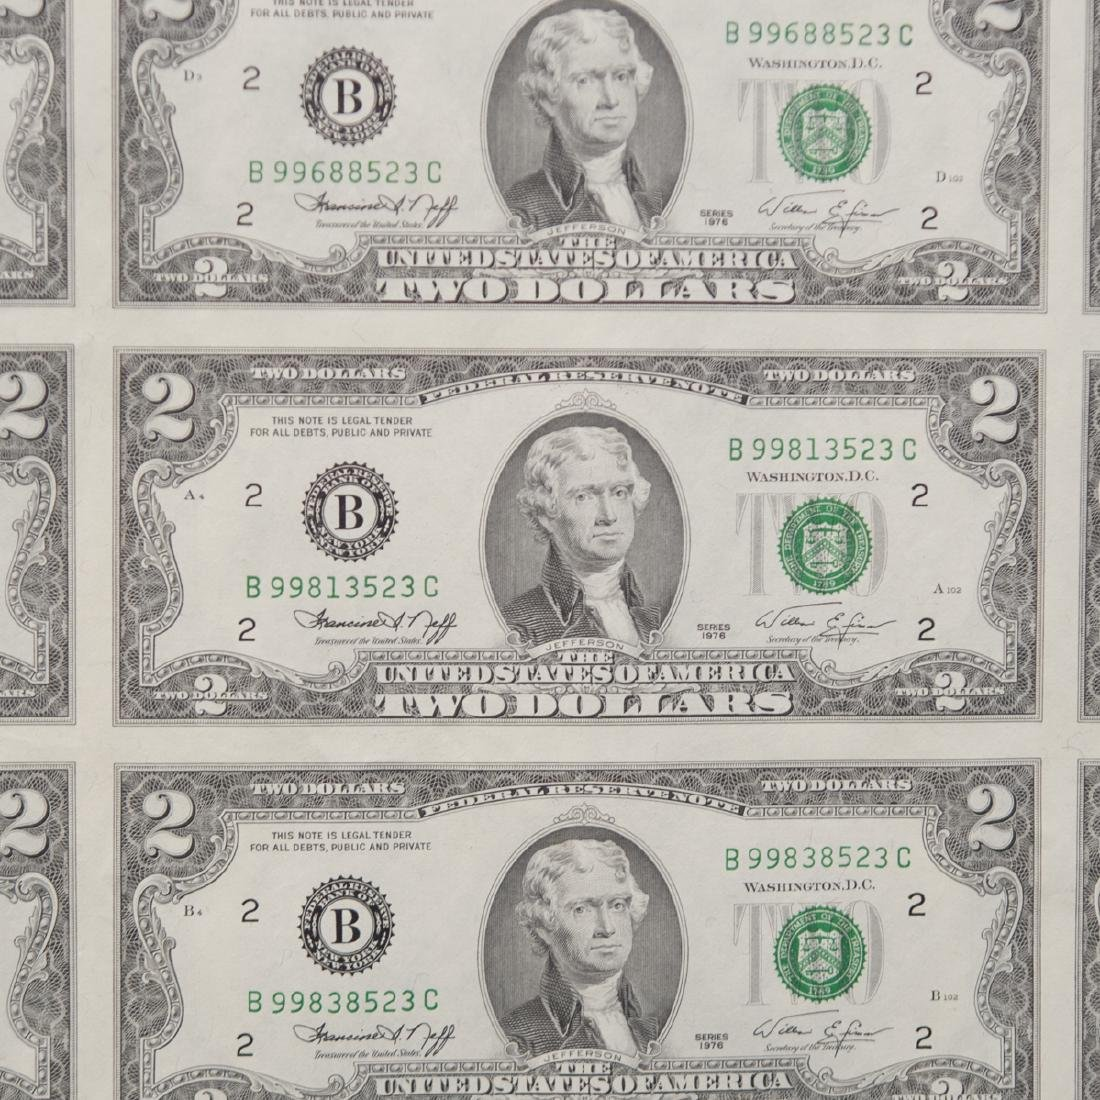 1976 Uncut $2.00 Bills - 3